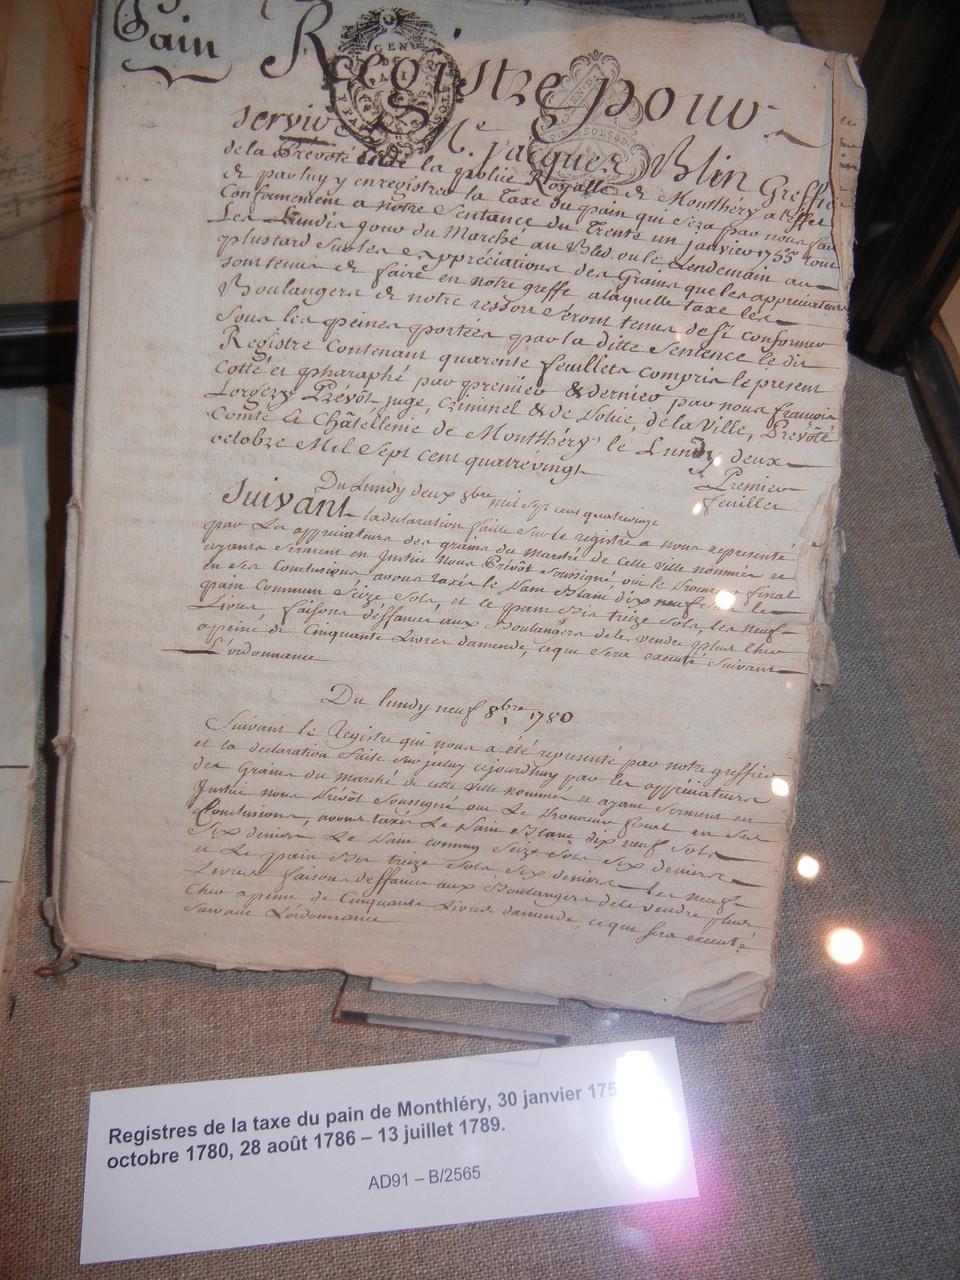 salle de tri: minute de 1563 du notaire Brunet